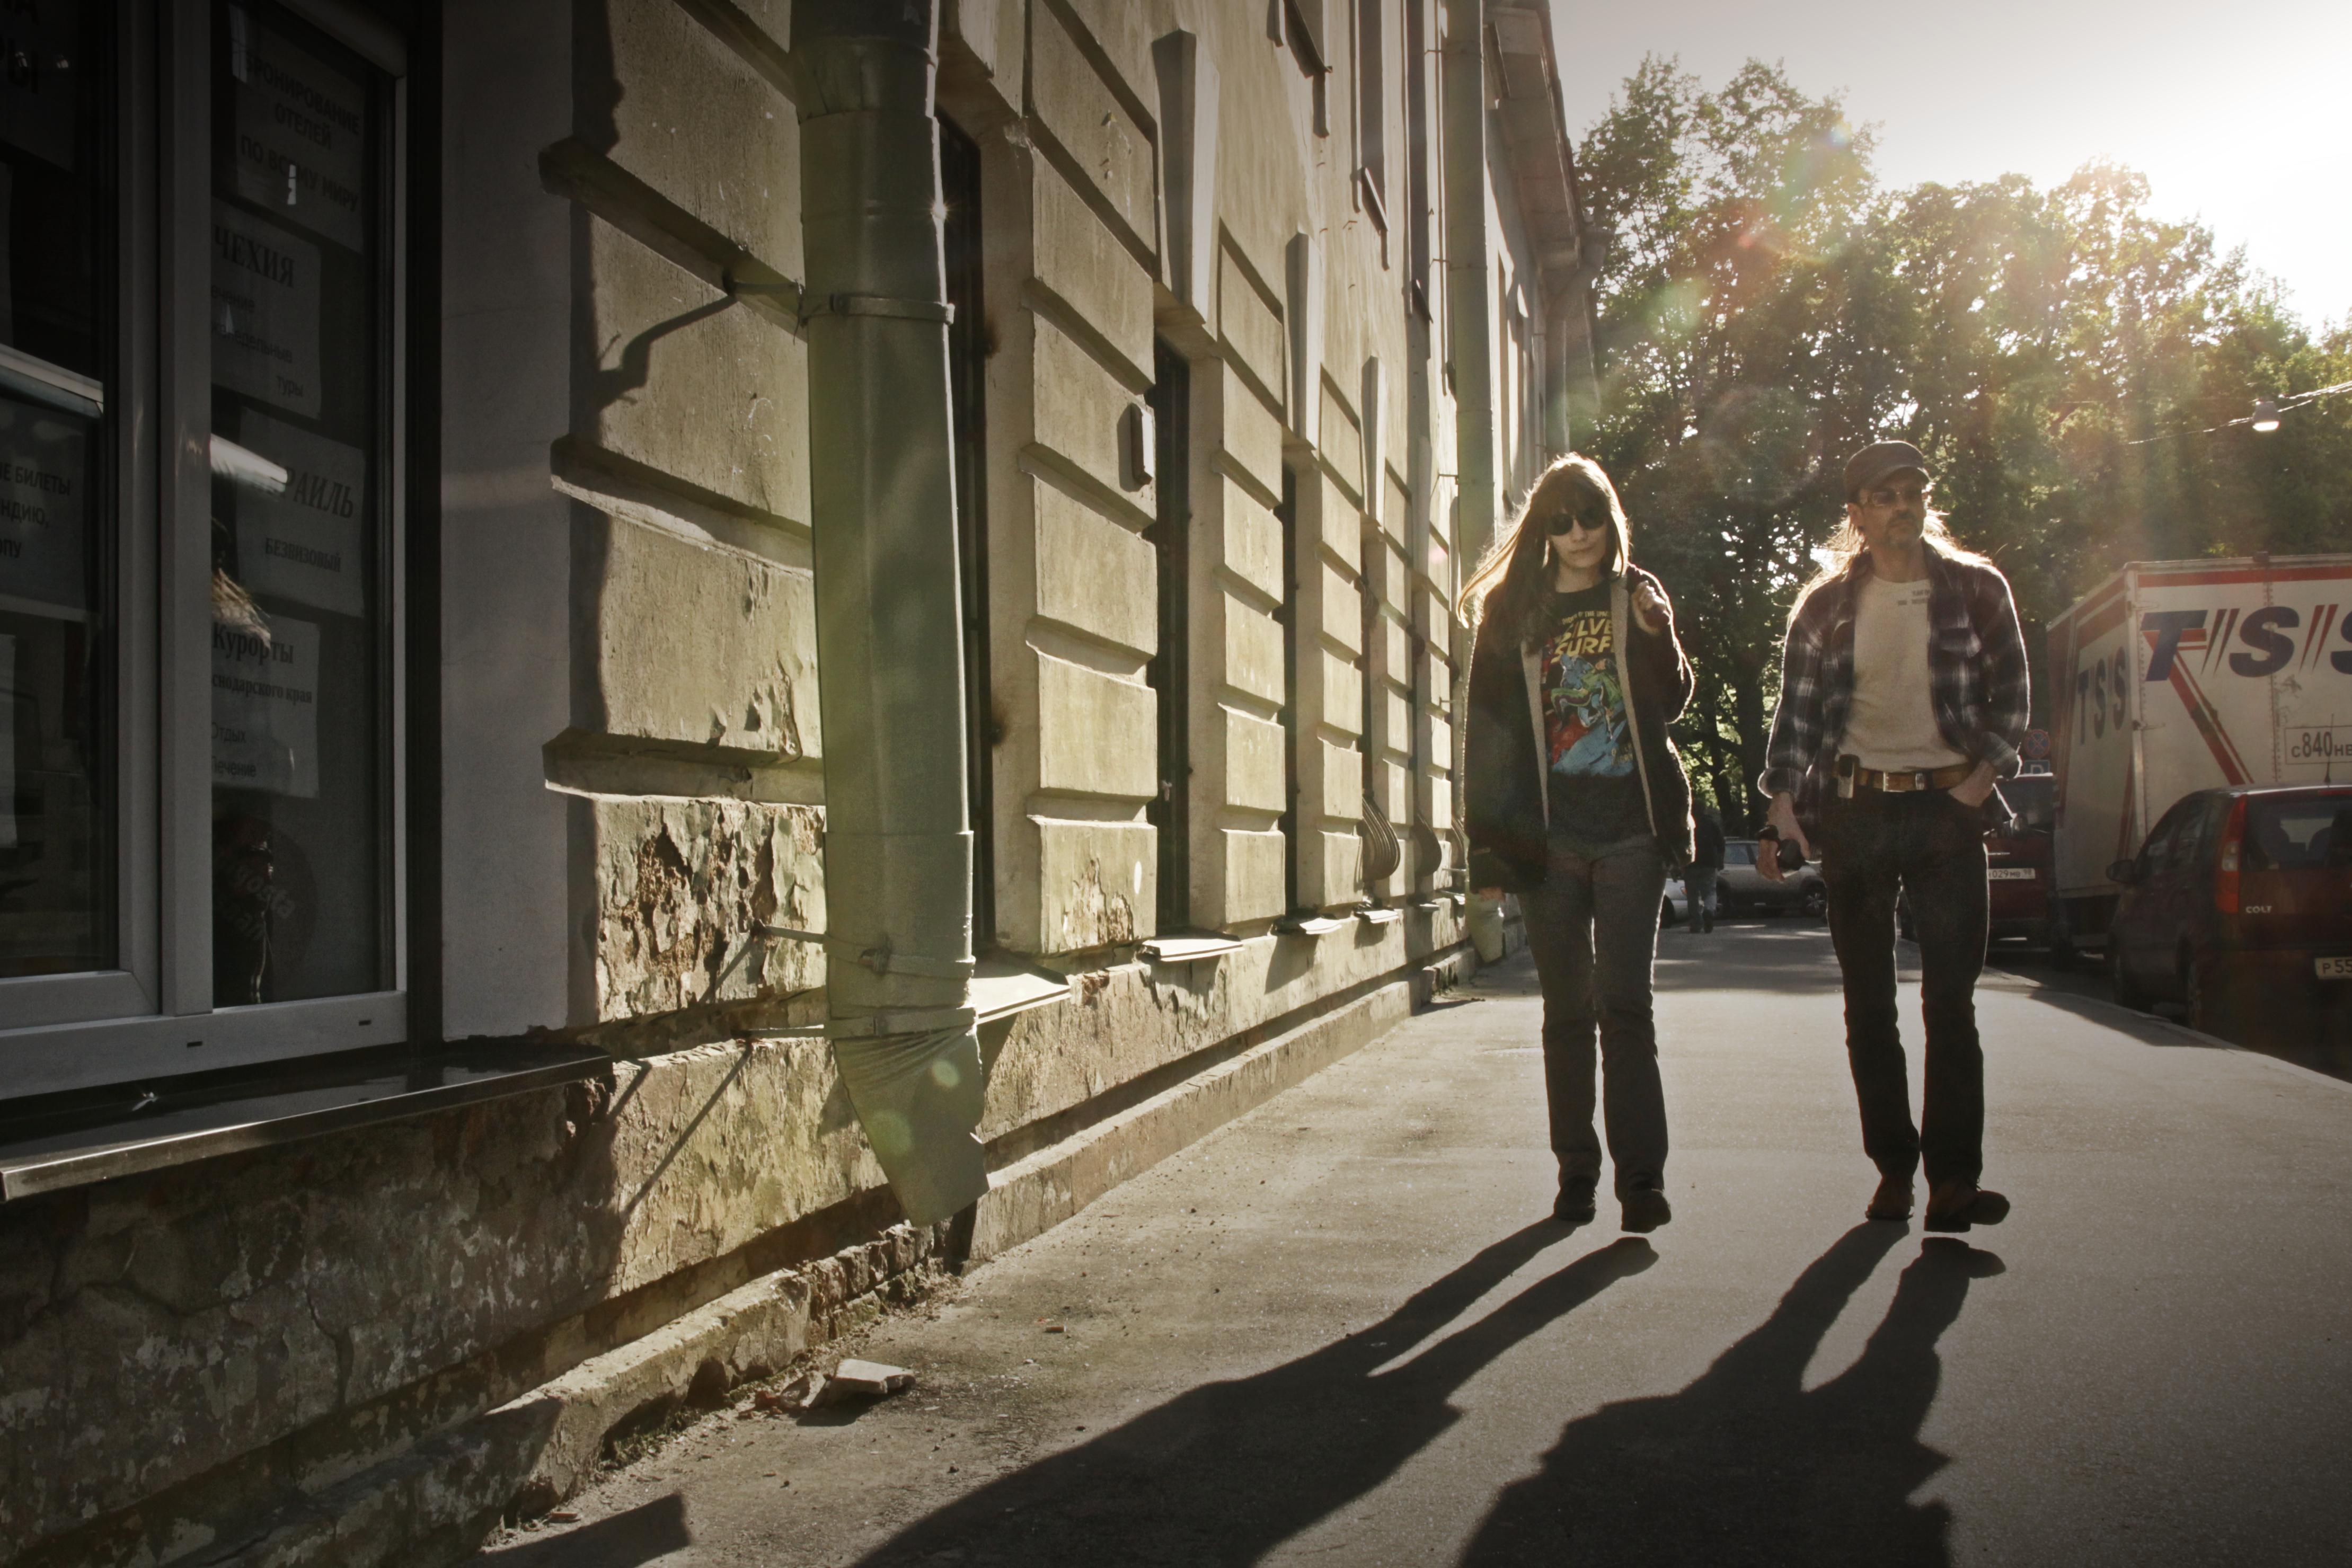 Двое гуляют по вечерней улице.